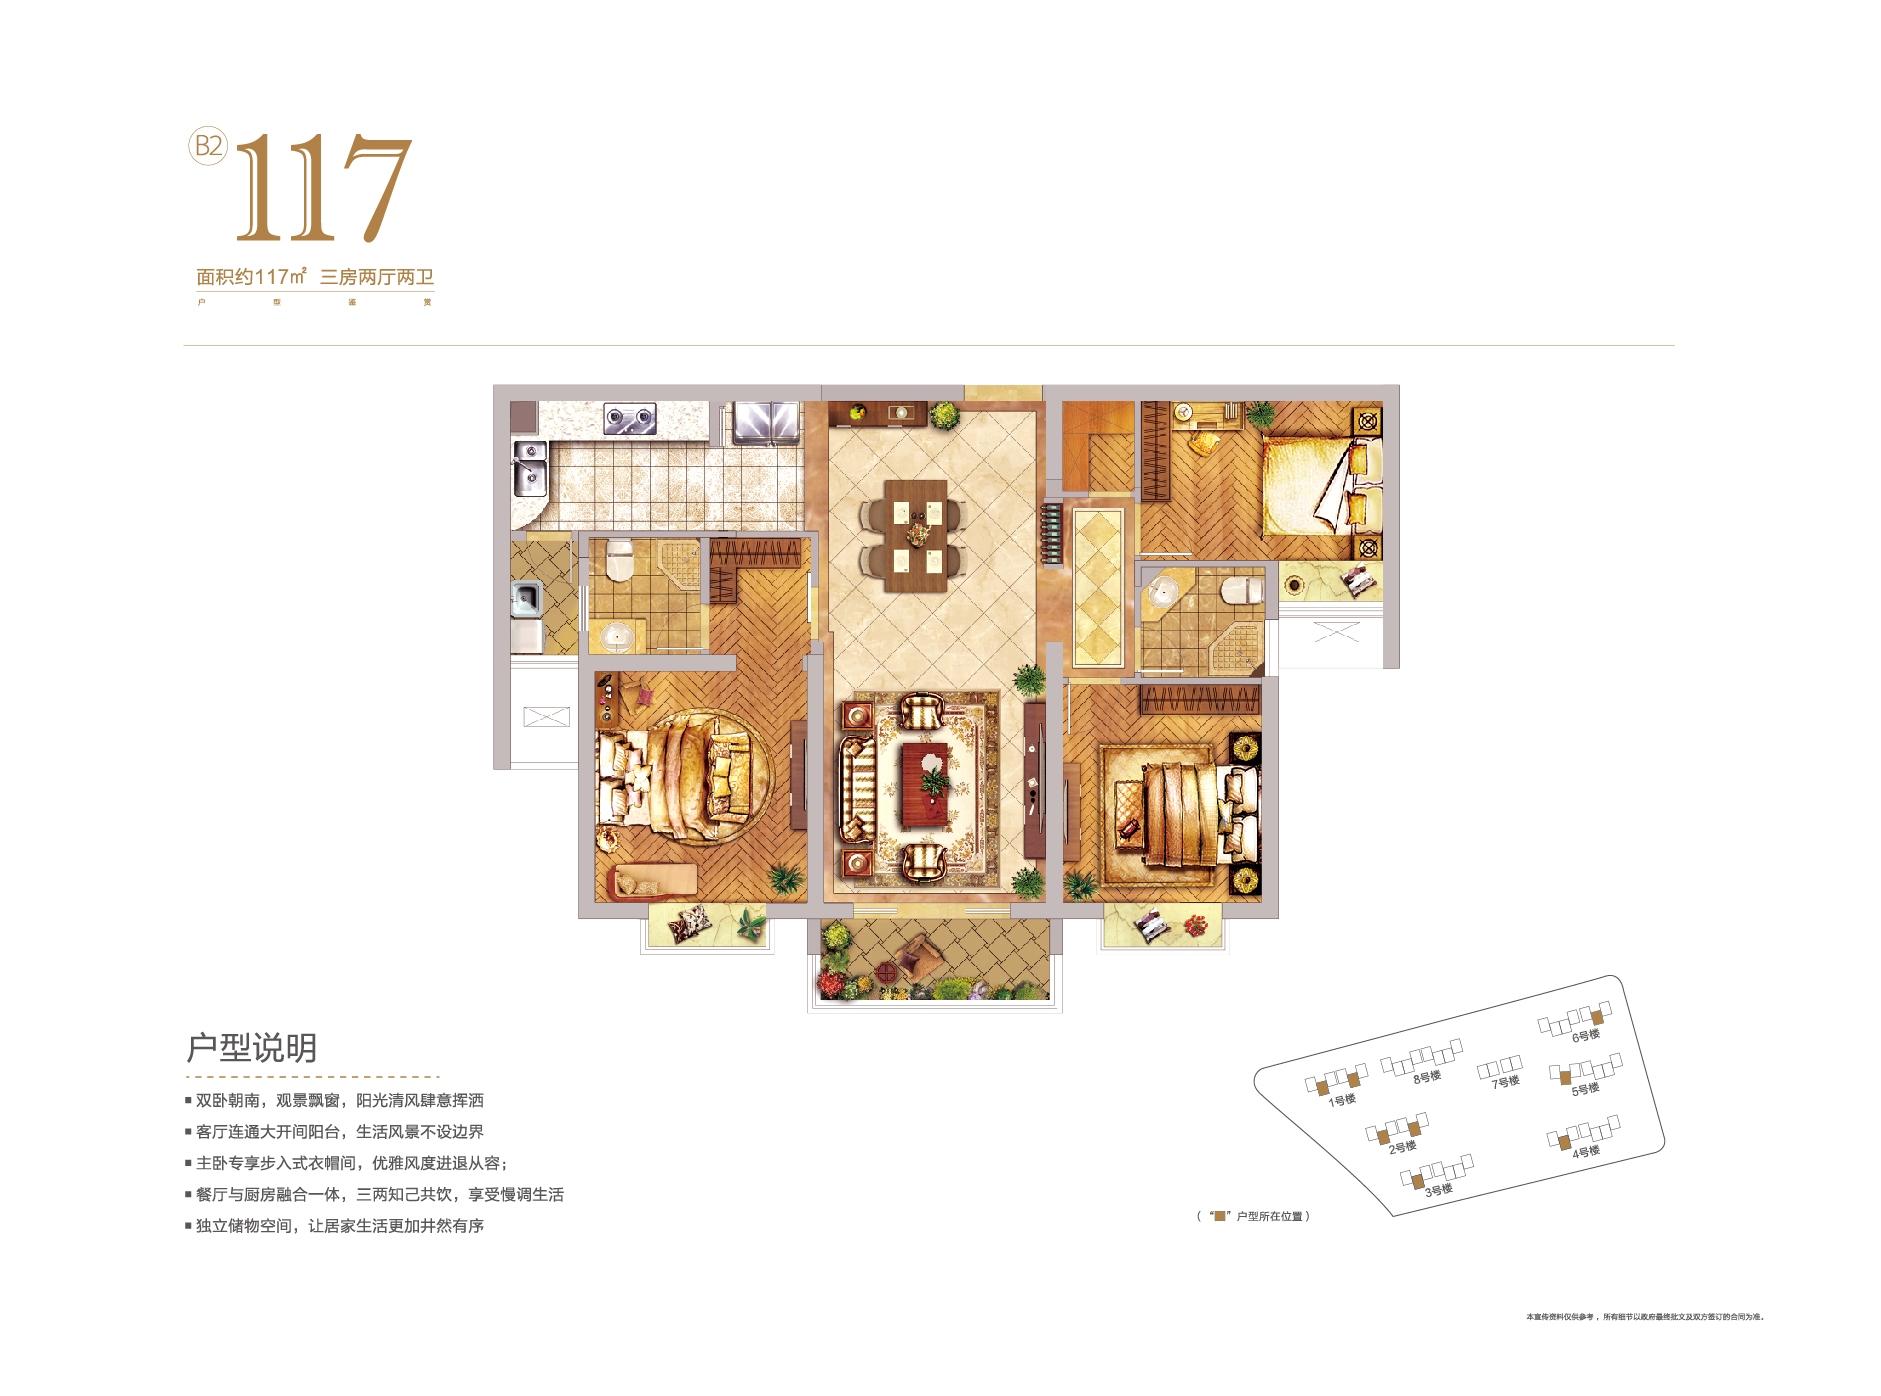 B2户型117平米三房两厅两卫